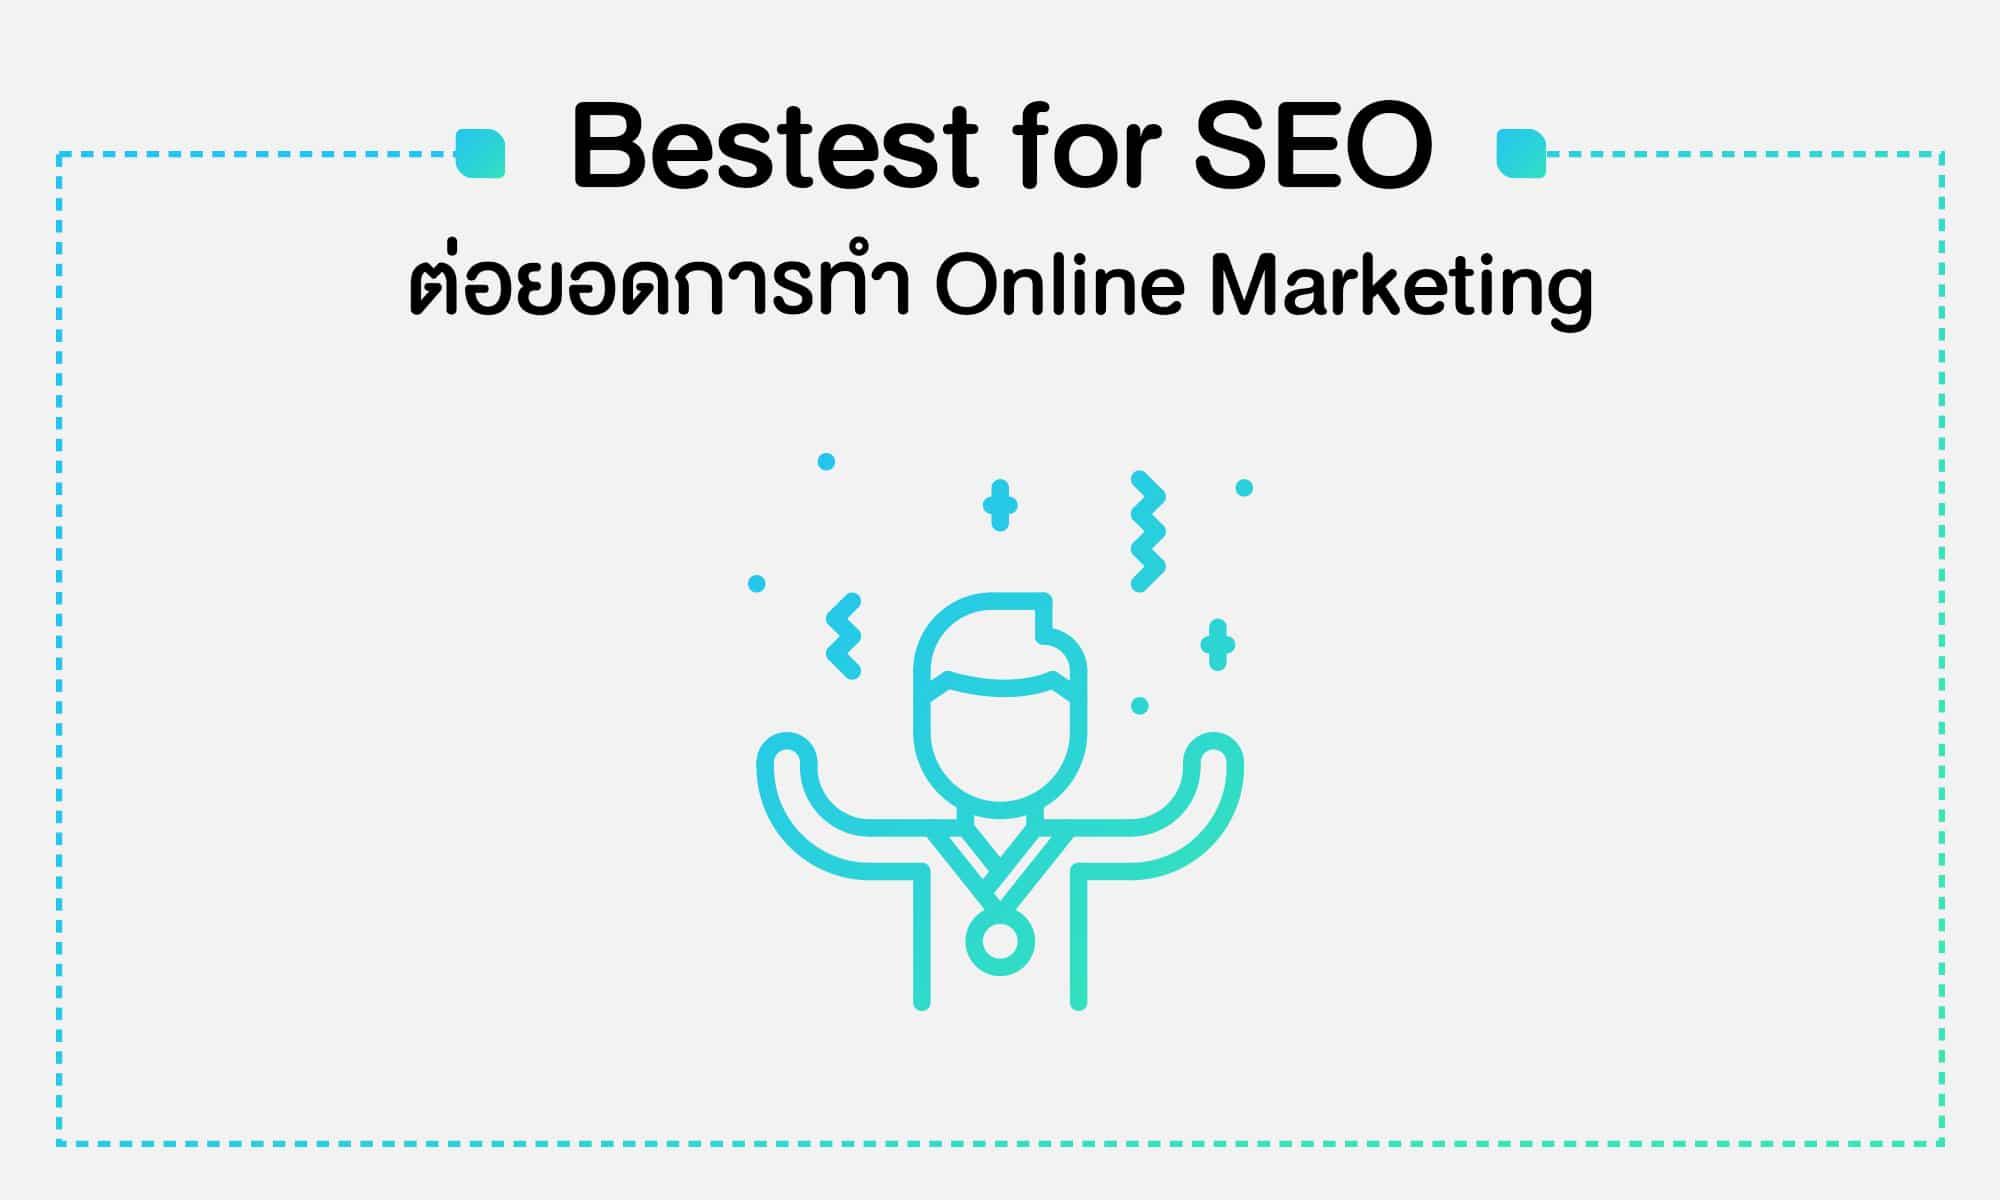 การปรับแต่งพิเศษที่จะทำให้เว็บของคุณรองรับ SEO พร้อมข้อมูลทางสถิติต่อยอดการทำ Online Marketing